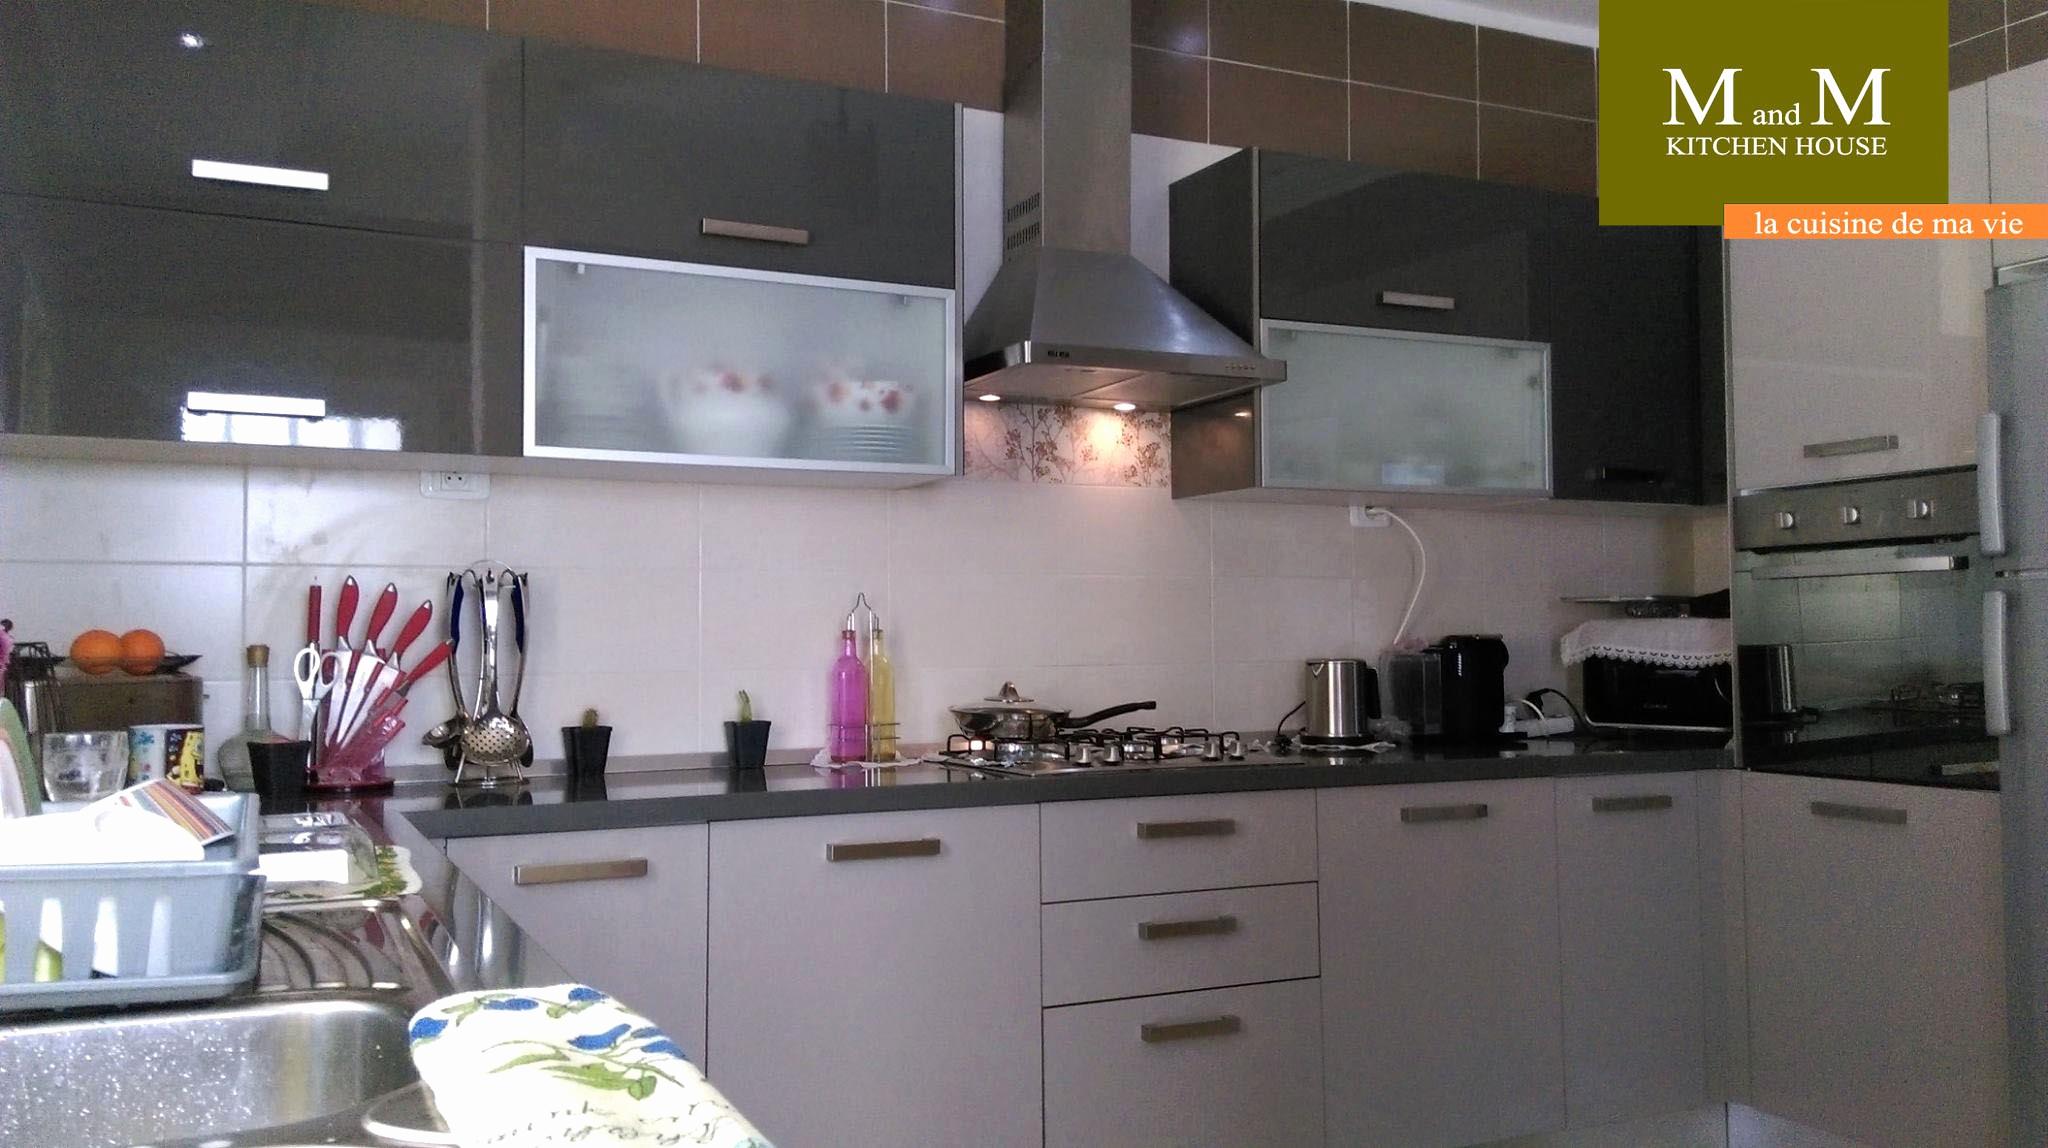 Cuisine All In Castorama Beau Photos Castorama Luminaire Cuisine Frais Castorama Luminaire Cuisine